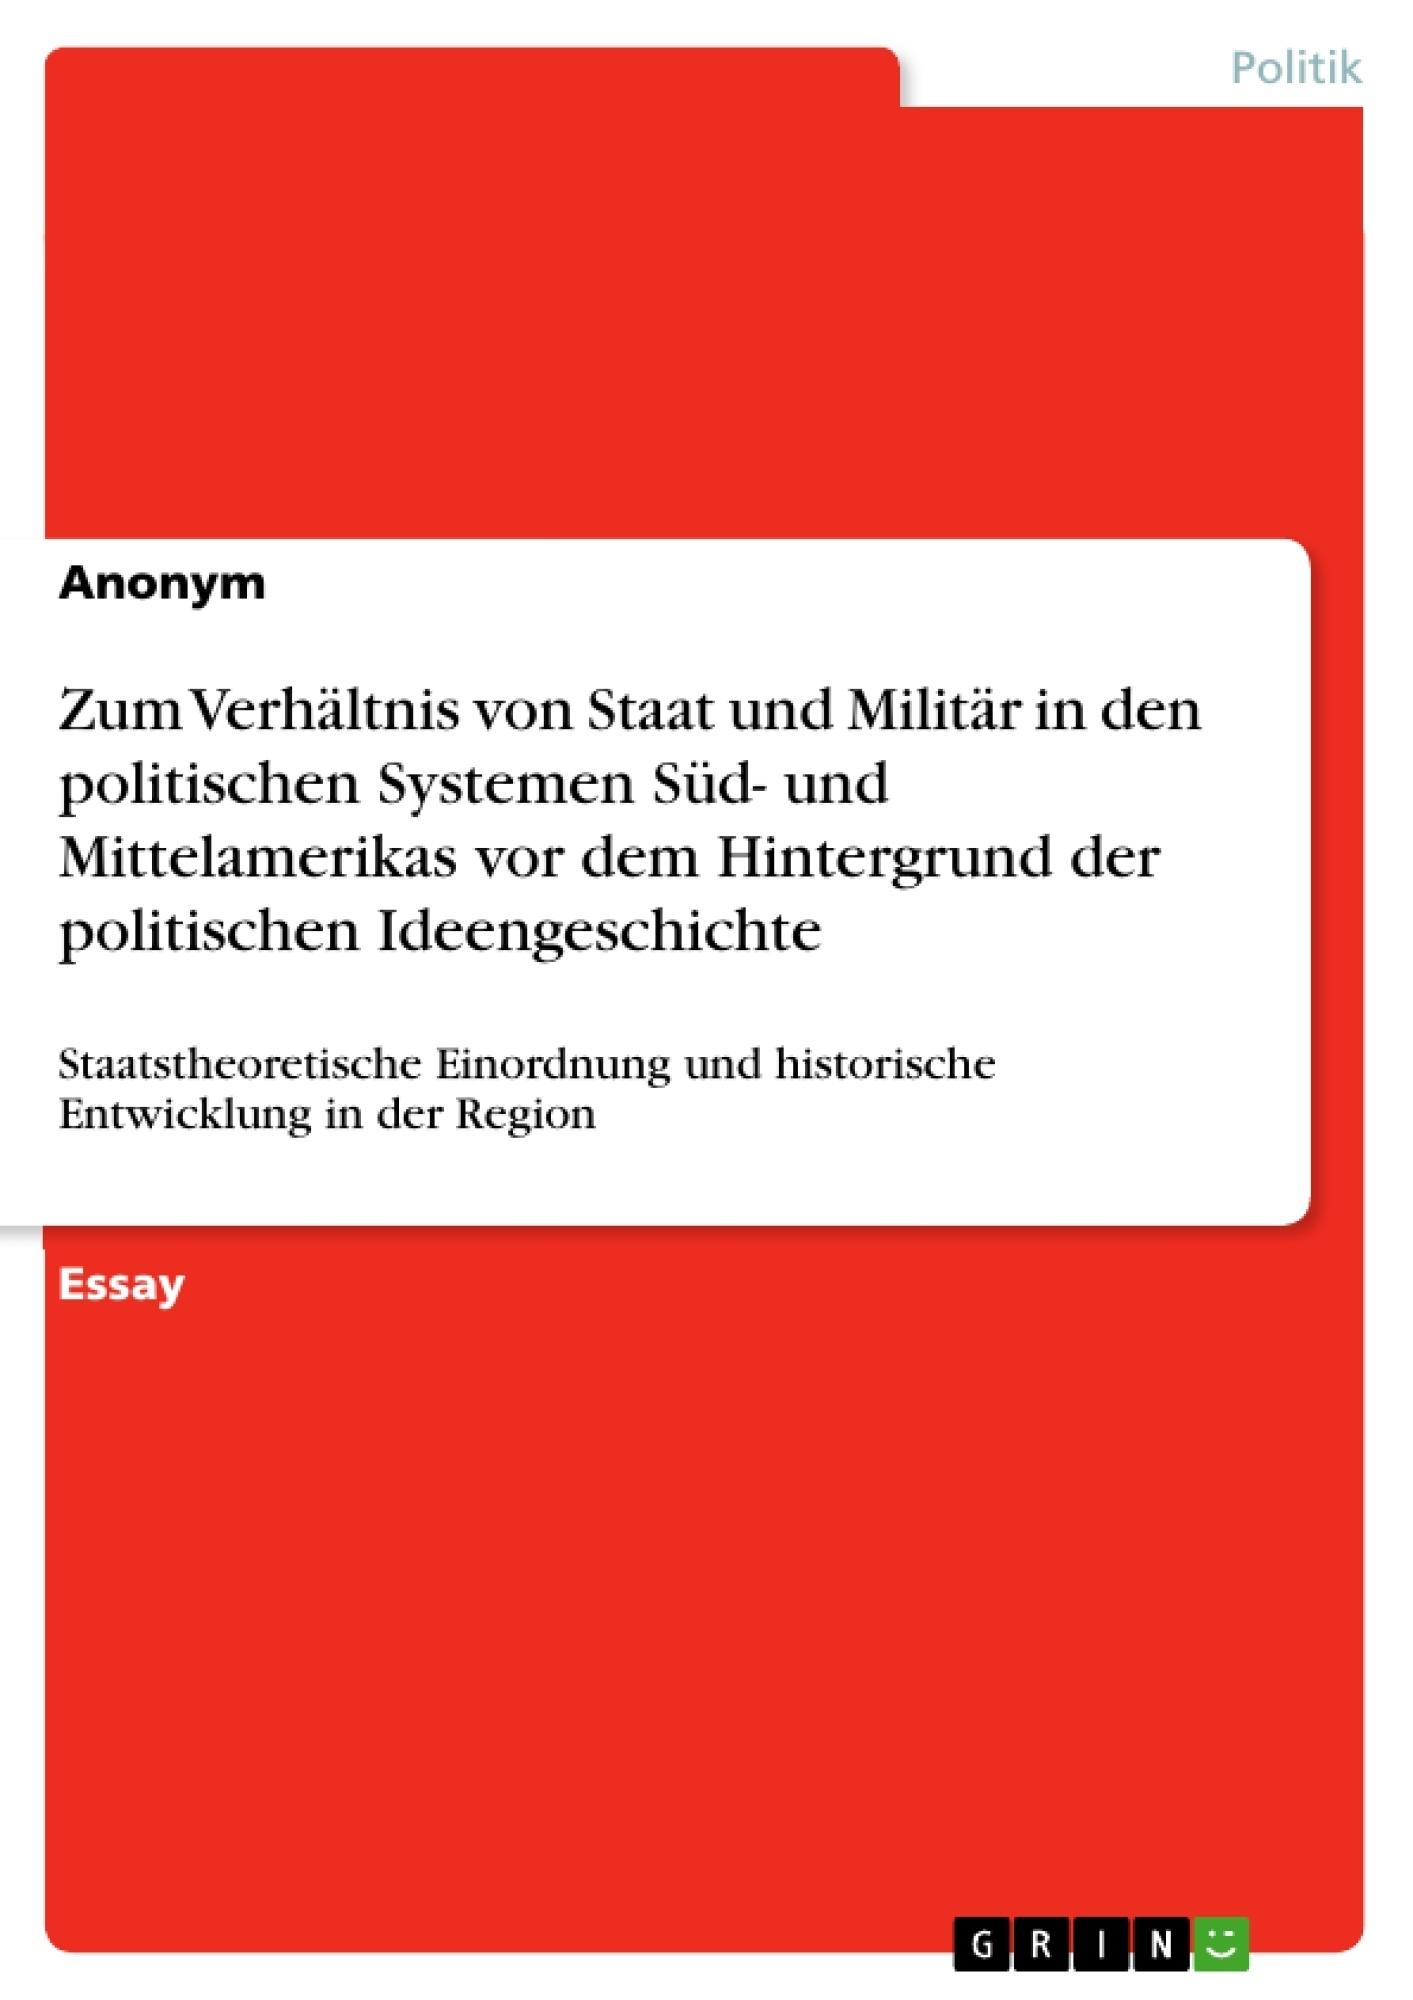 Titel: Zum Verhältnis von Staat und Militär in den politischen Systemen Süd- und Mittelamerikas vor dem Hintergrund der politischen Ideengeschichte